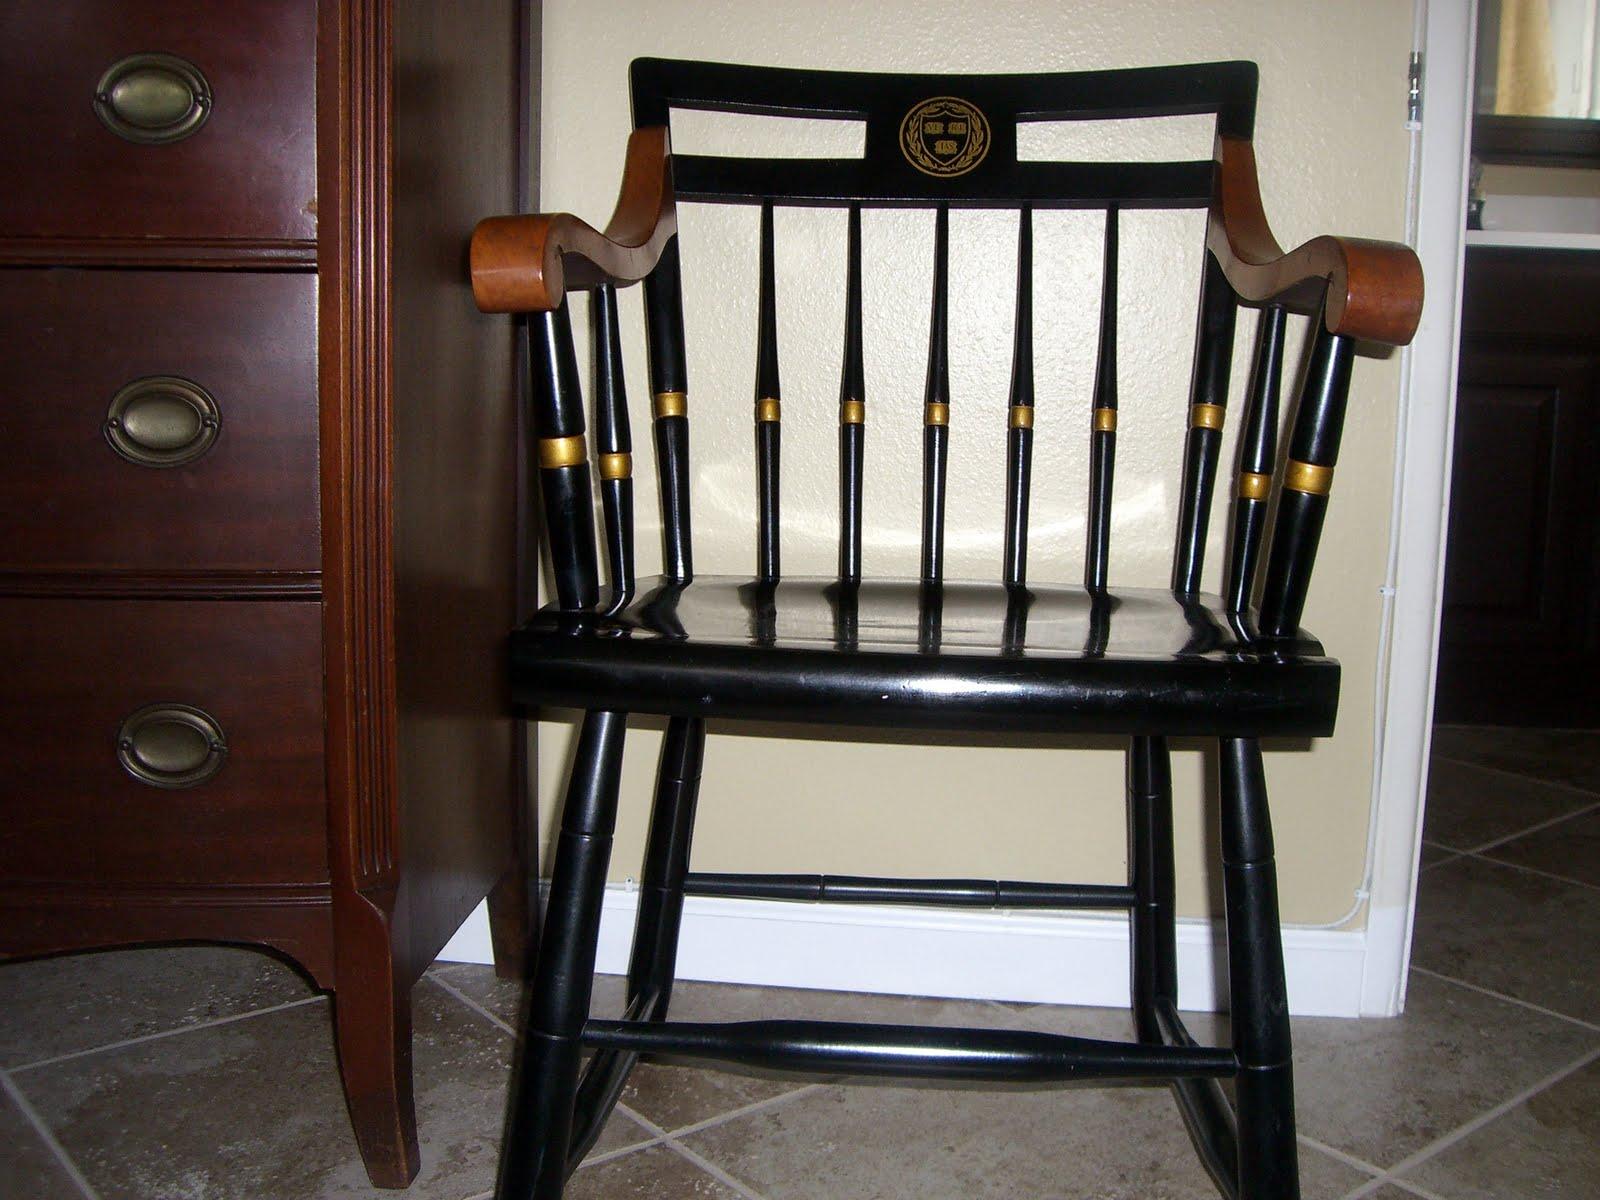 harvard chair for sale church banquet chairs a sun city housewife